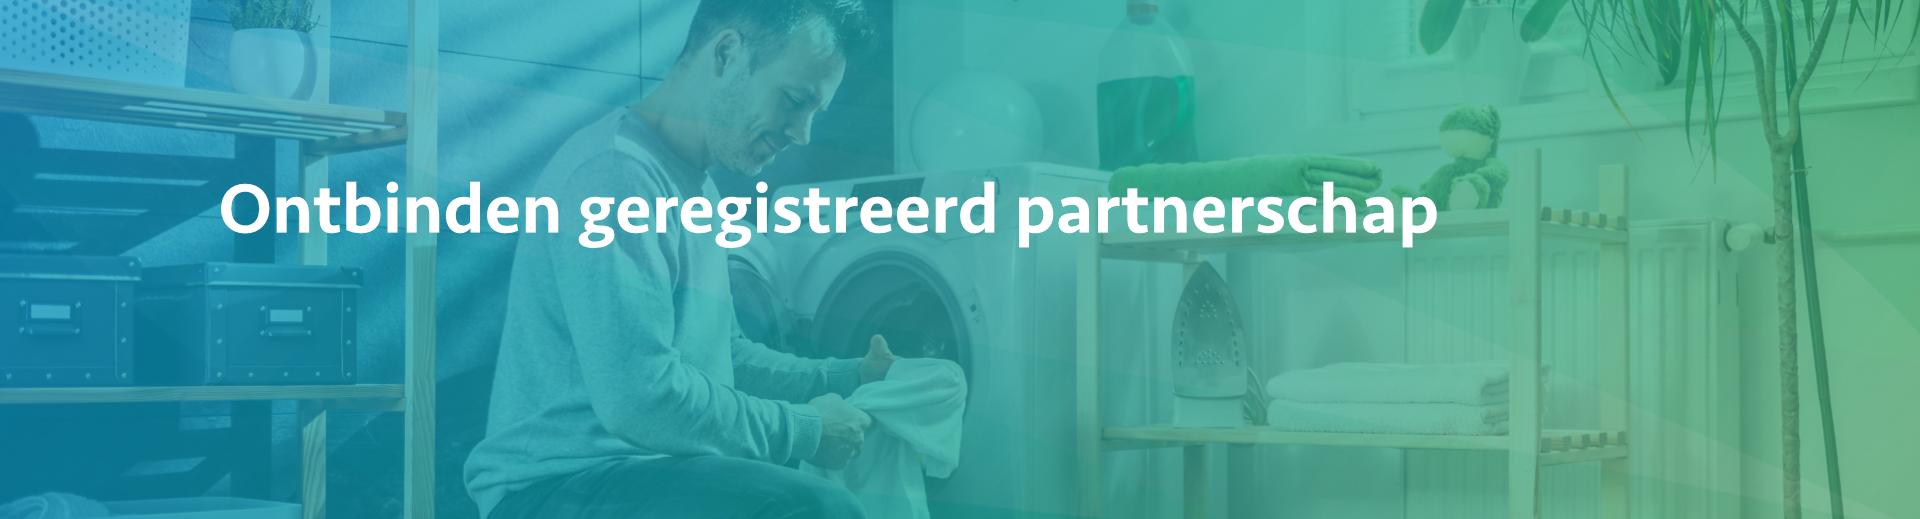 Ontbinden geregistreerd partnerschap - Scheidingsplanner Maastricht - Heerlen - Gulpen